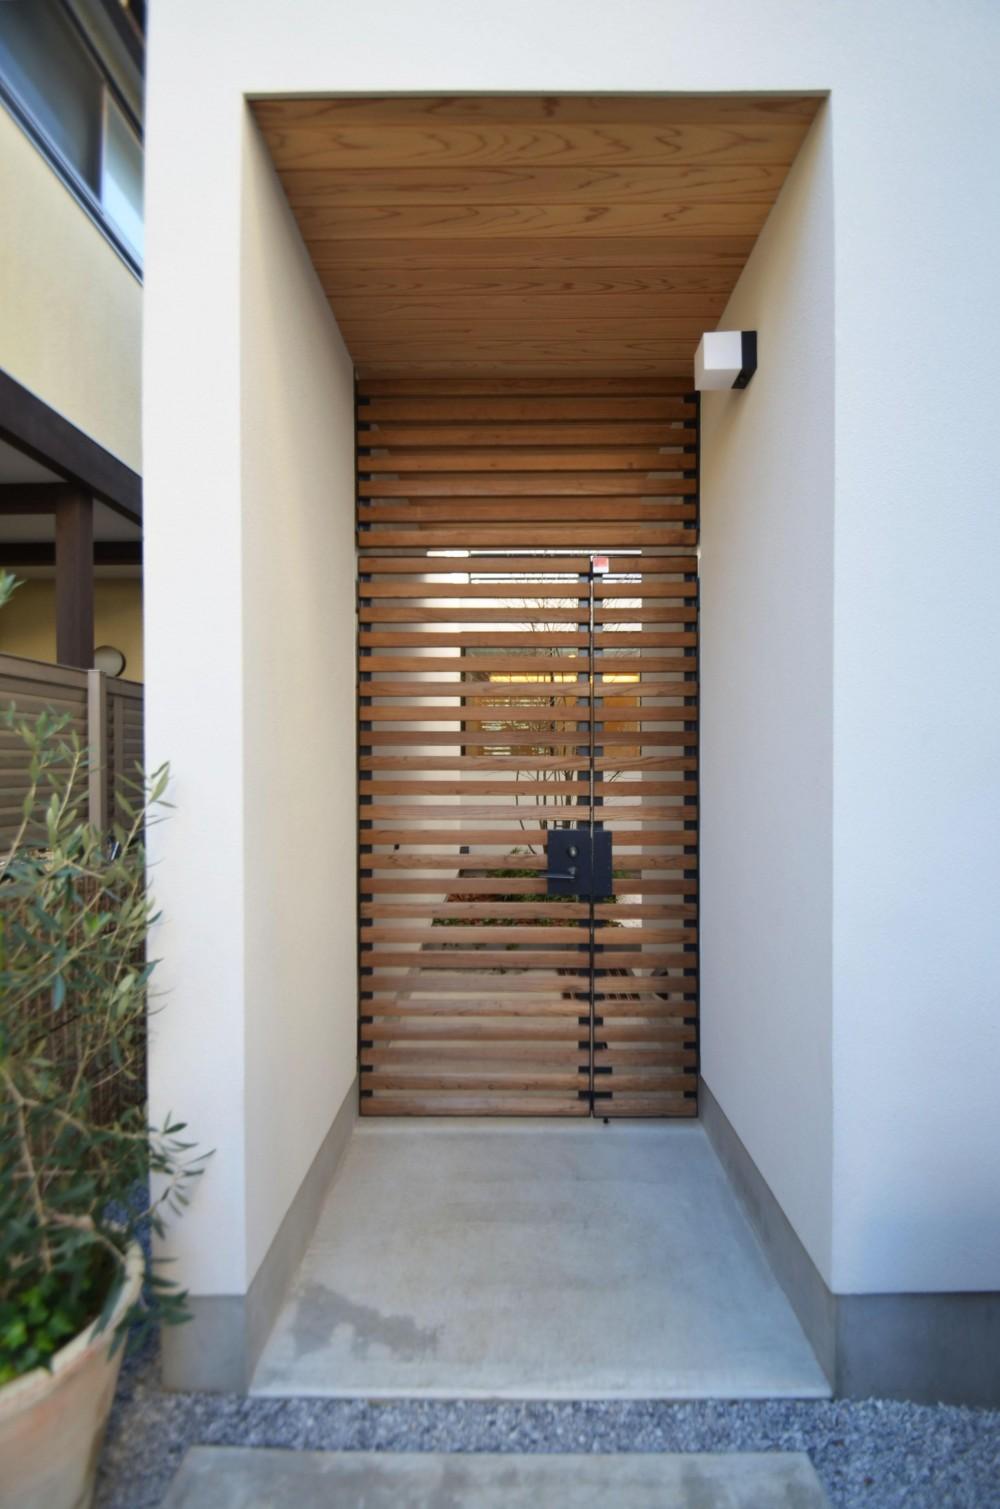 桃井M邸-中庭を中心としたコの字配置の立体コートハウス- (門扉)